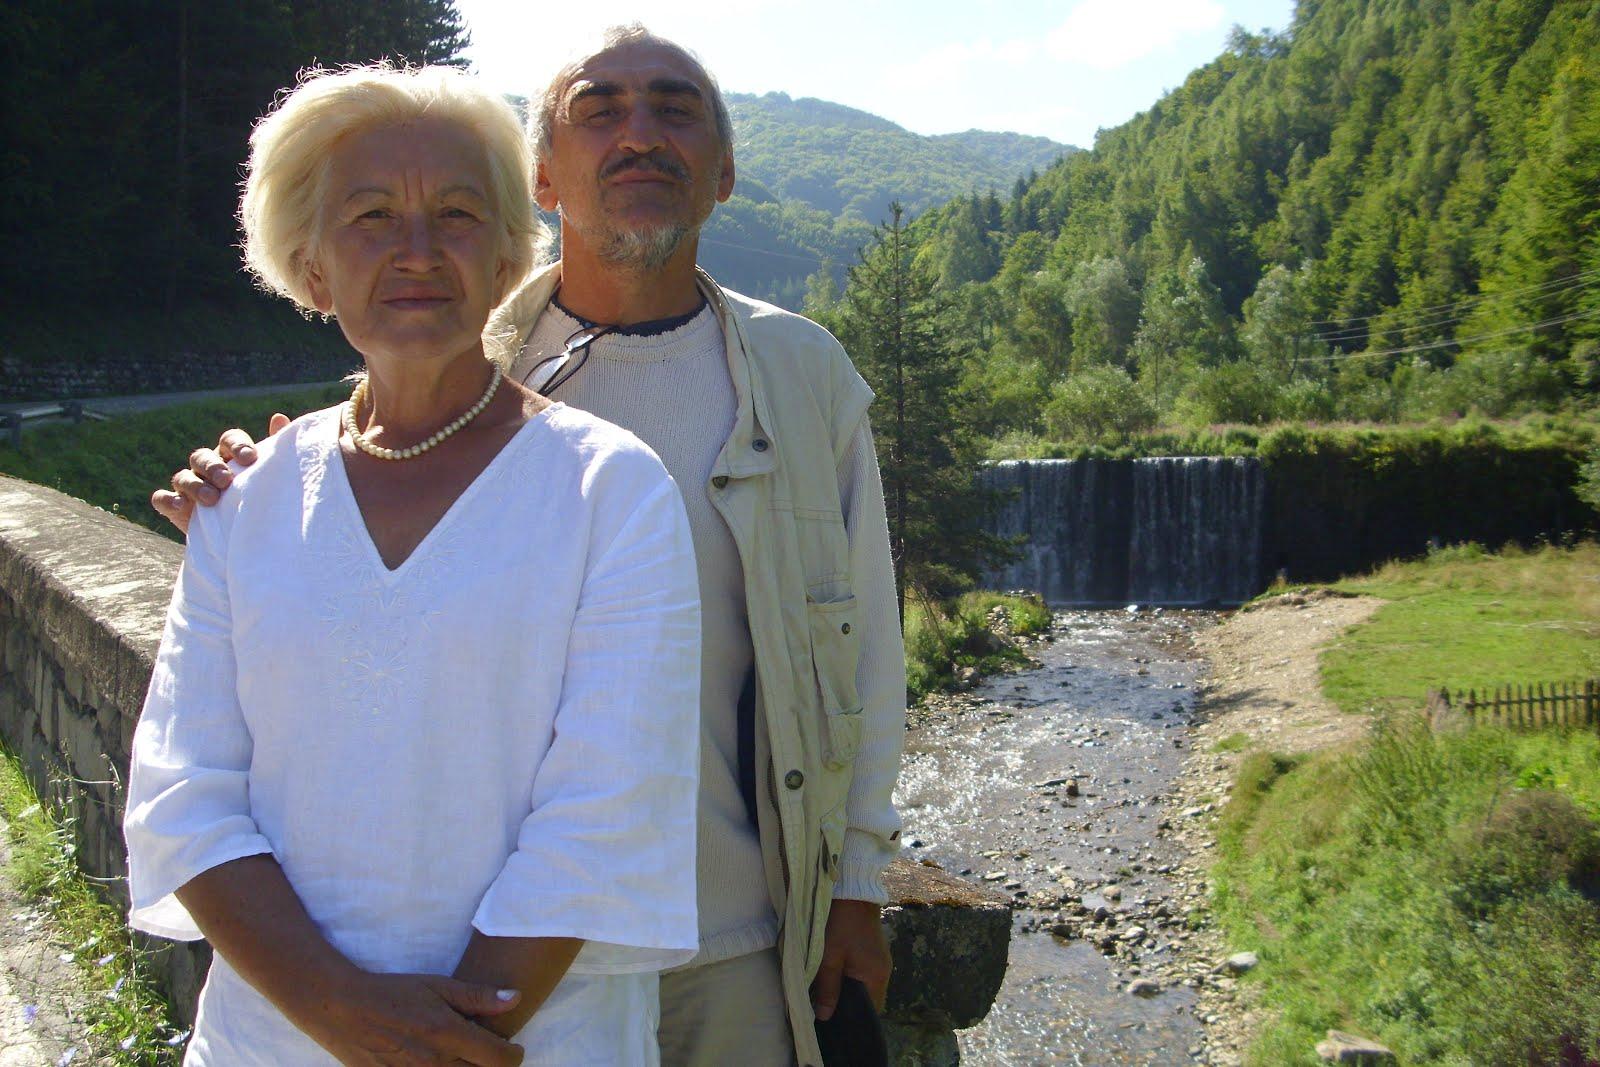 Шоле Соколовић, посета Црној Трави, јесен 2014.